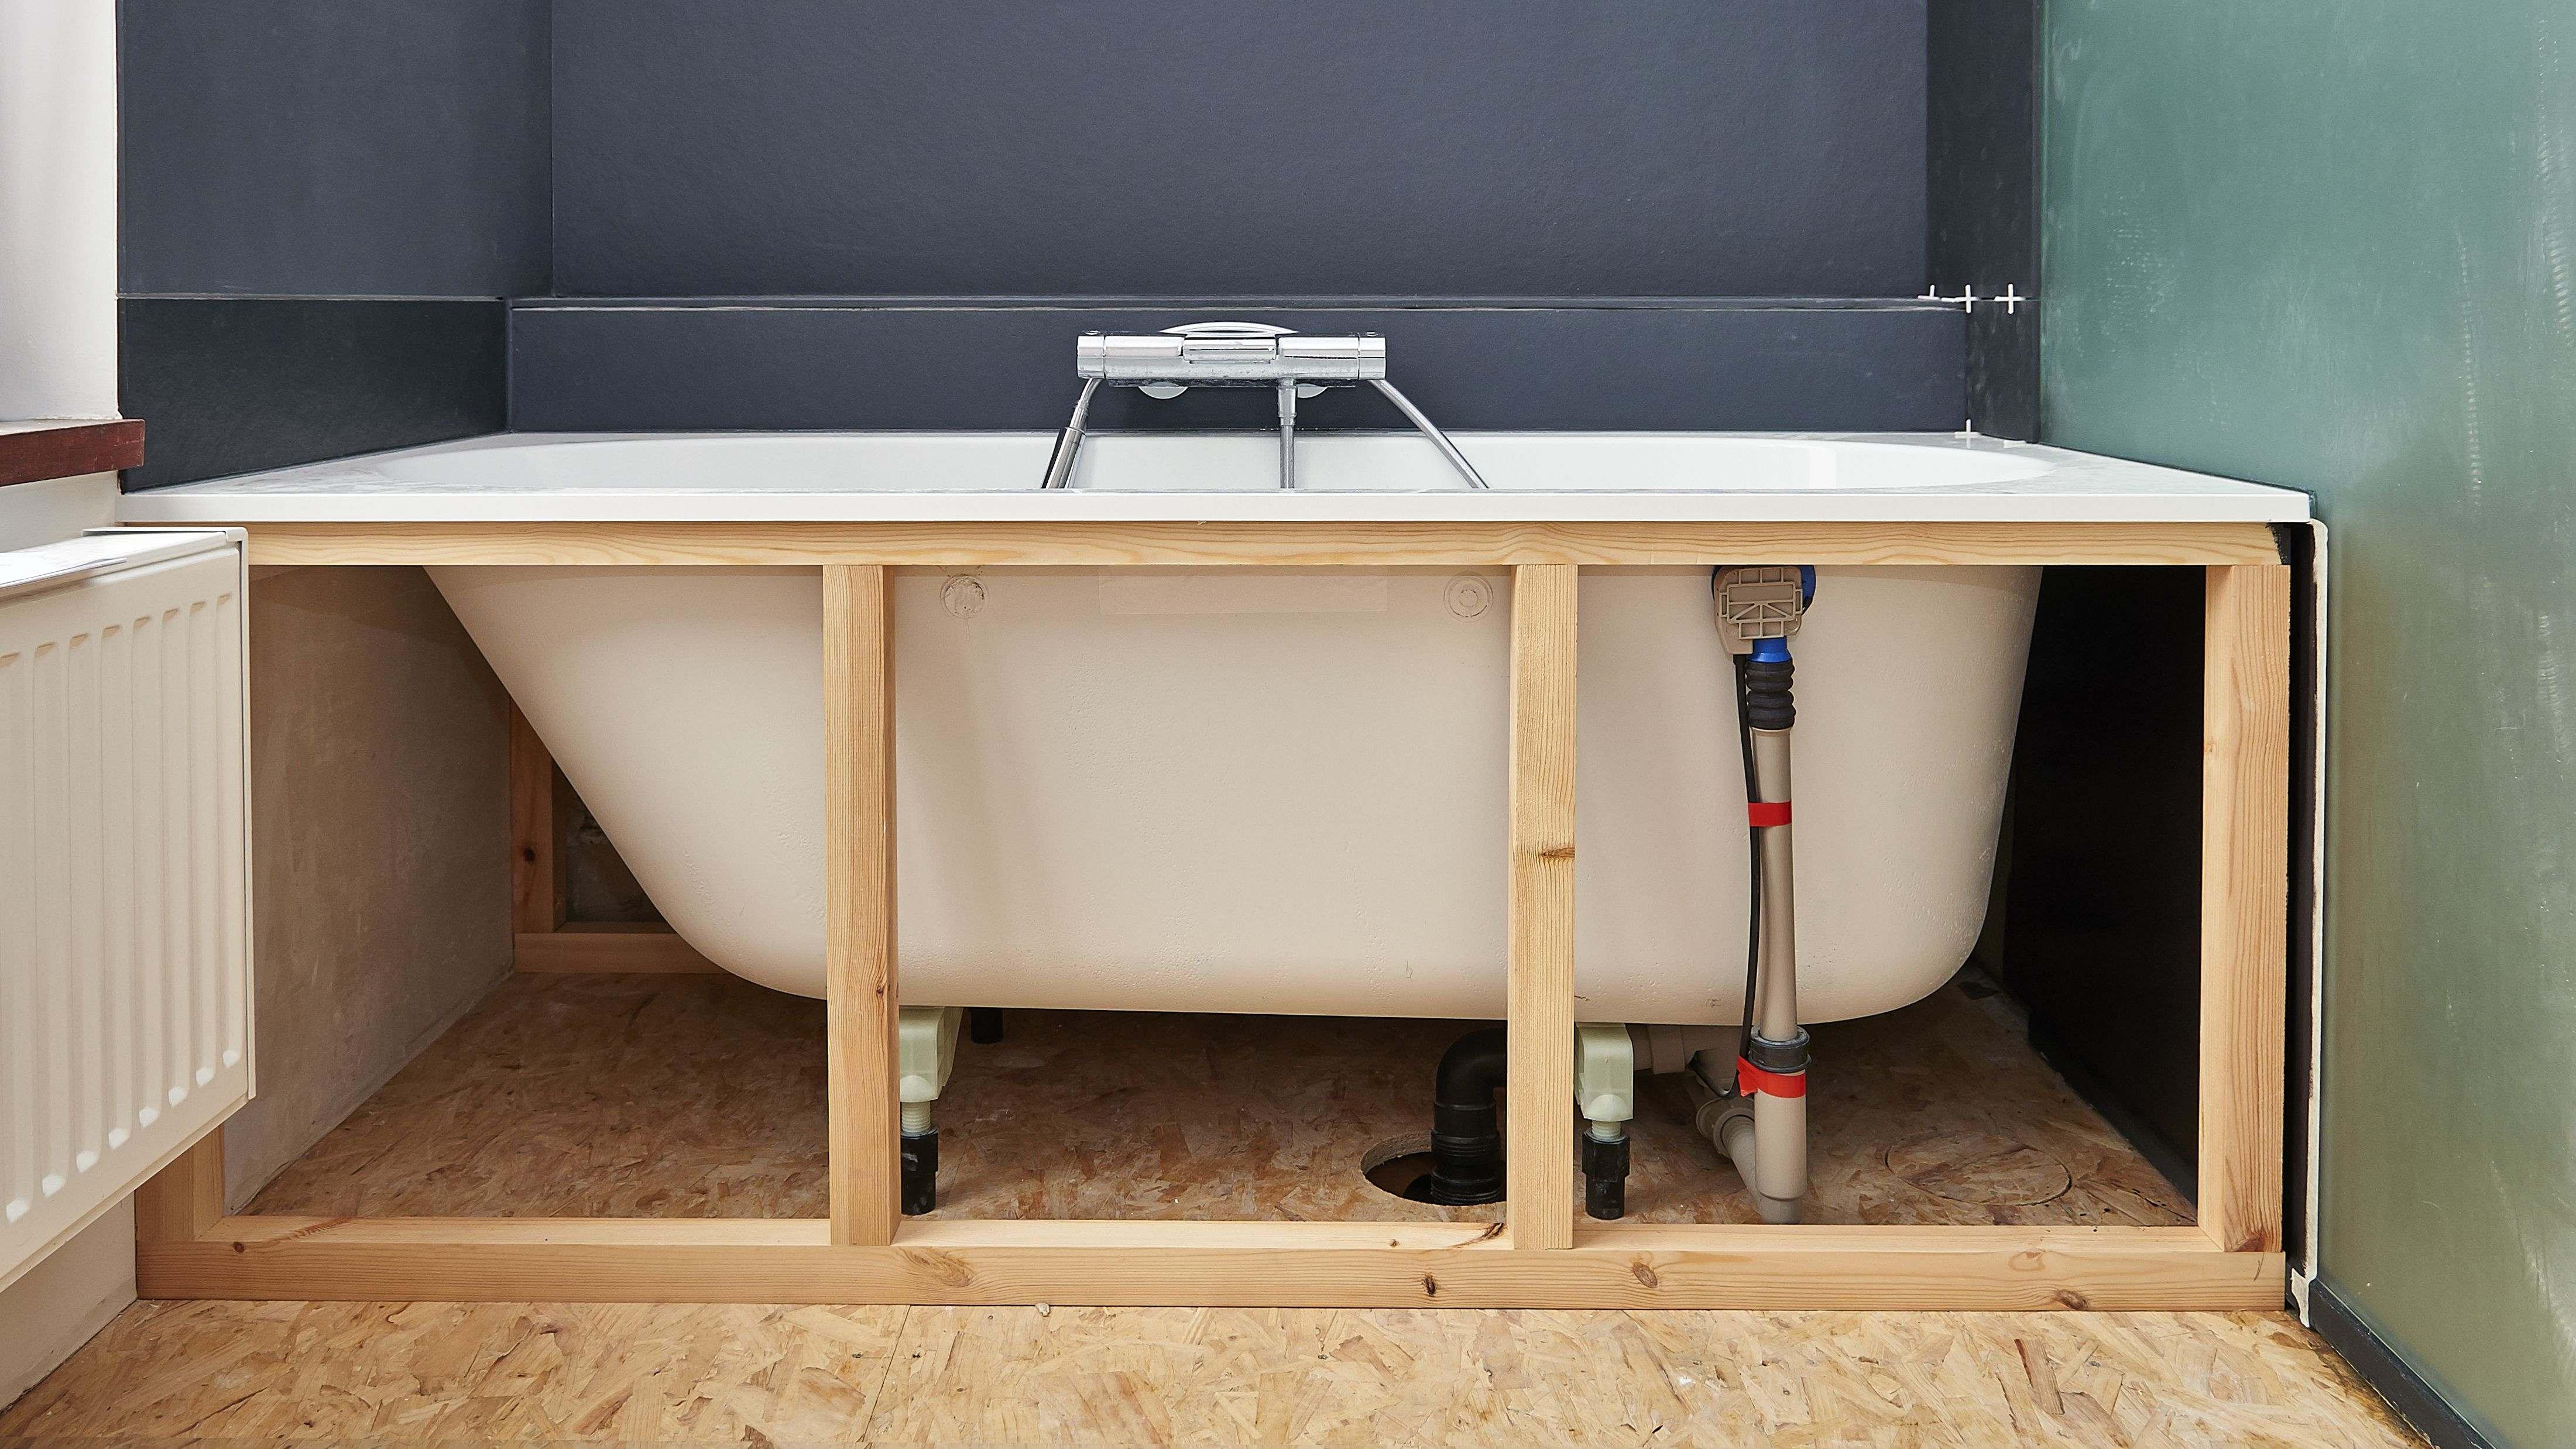 Comment installer une baignoire